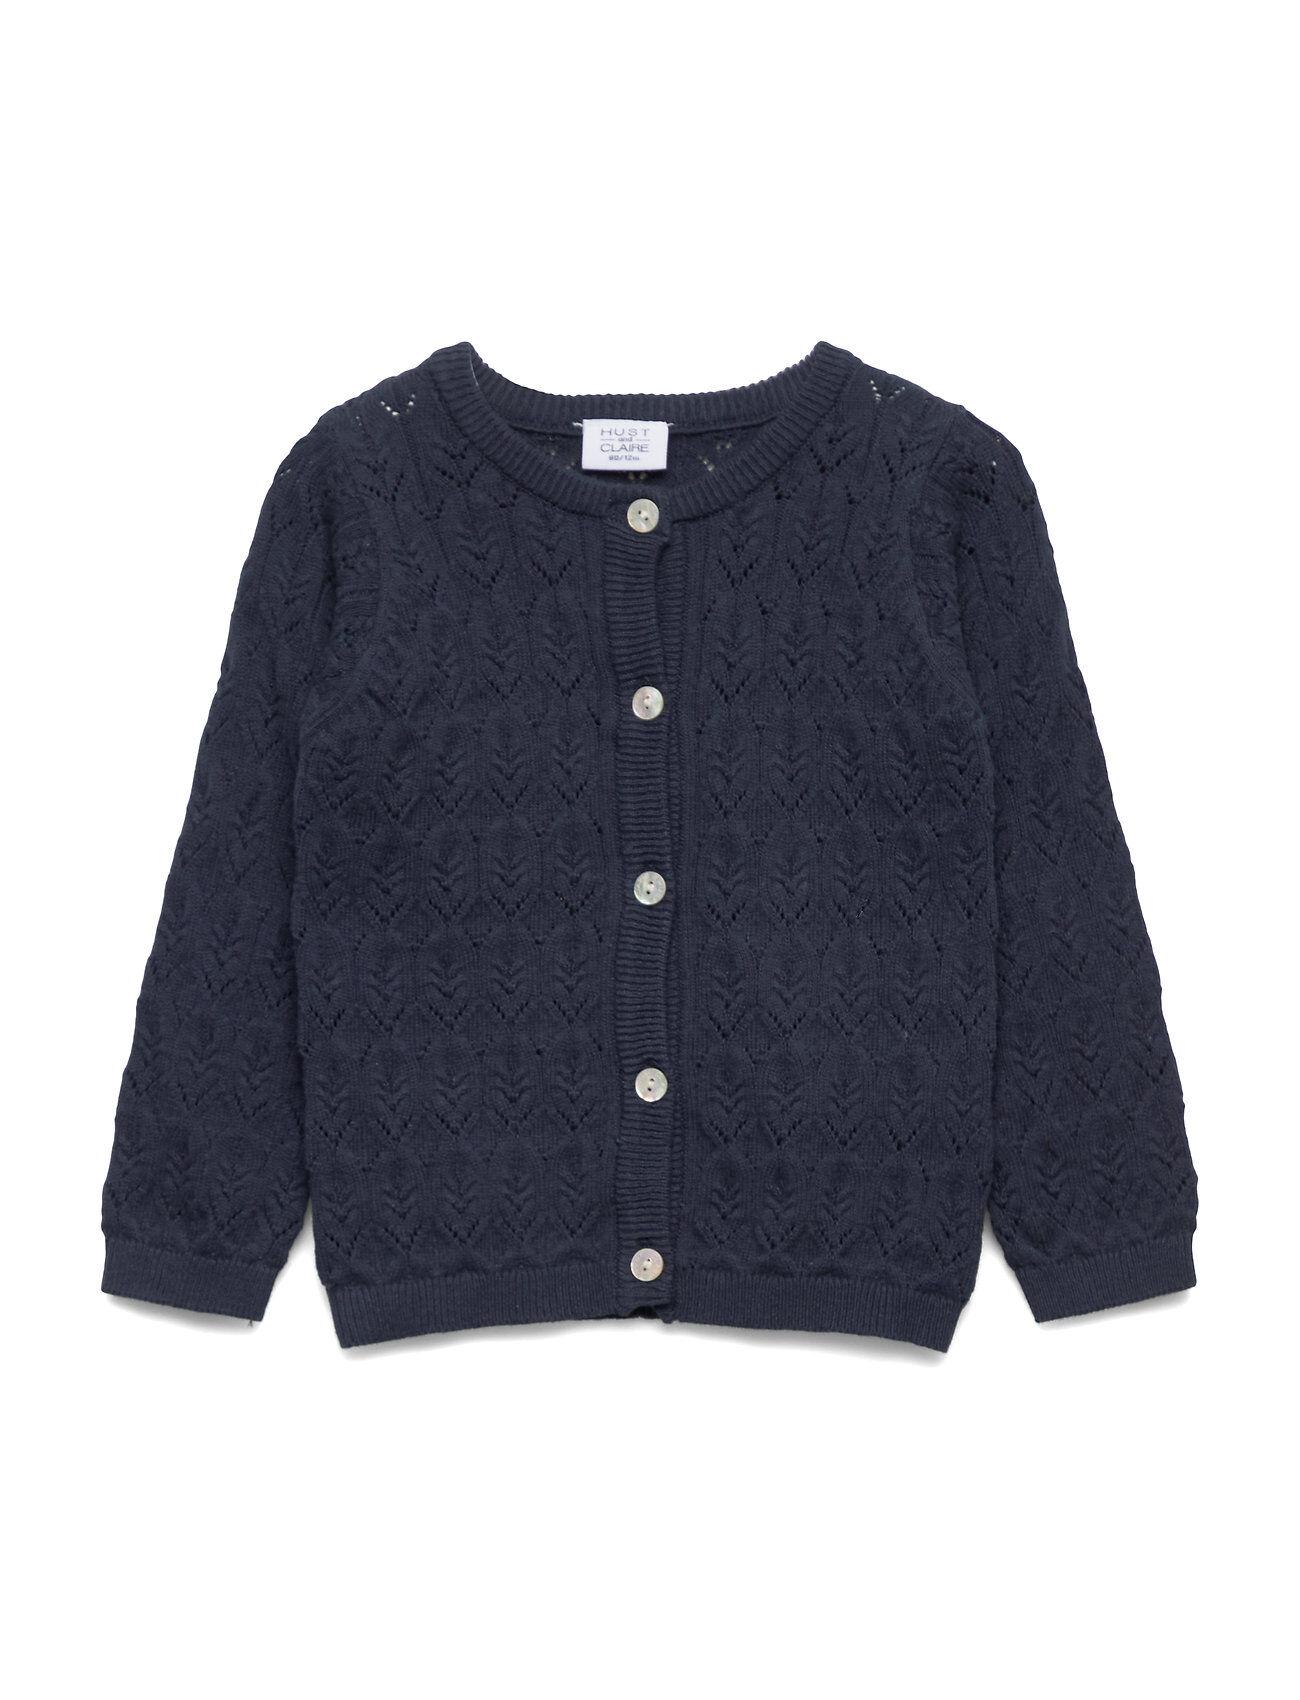 Hust & Claire Cheri - Knit Jacket Neuletakki Sininen Hust & Claire